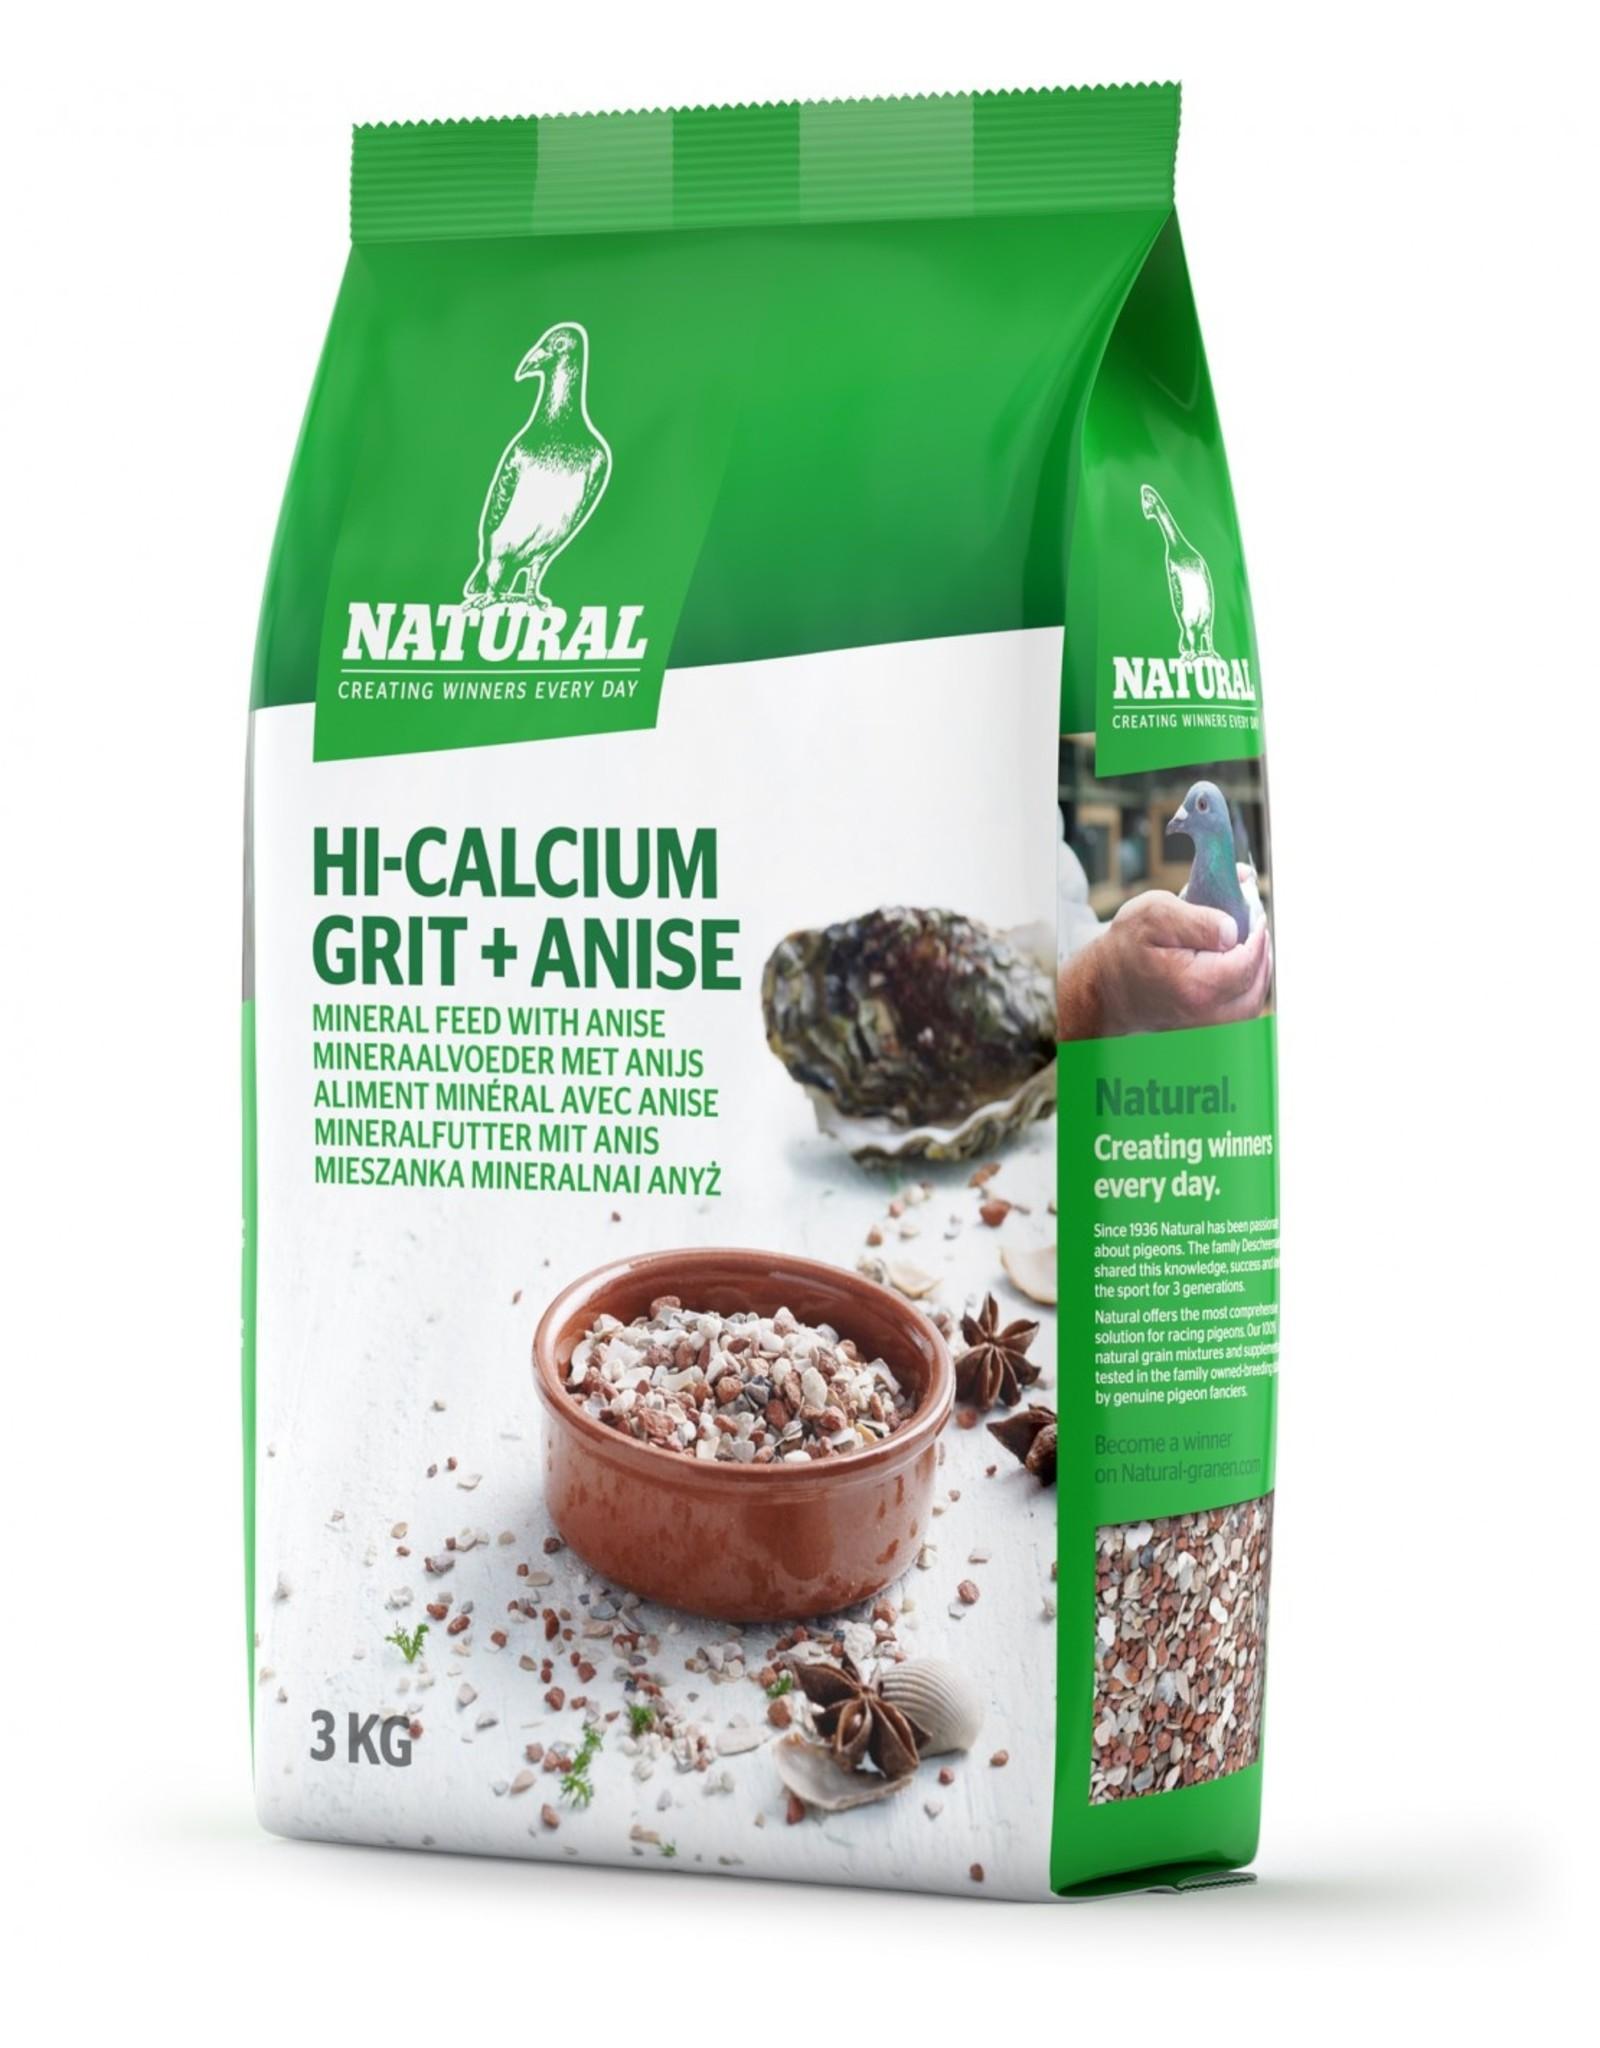 Natural Natural grit - 3 KG